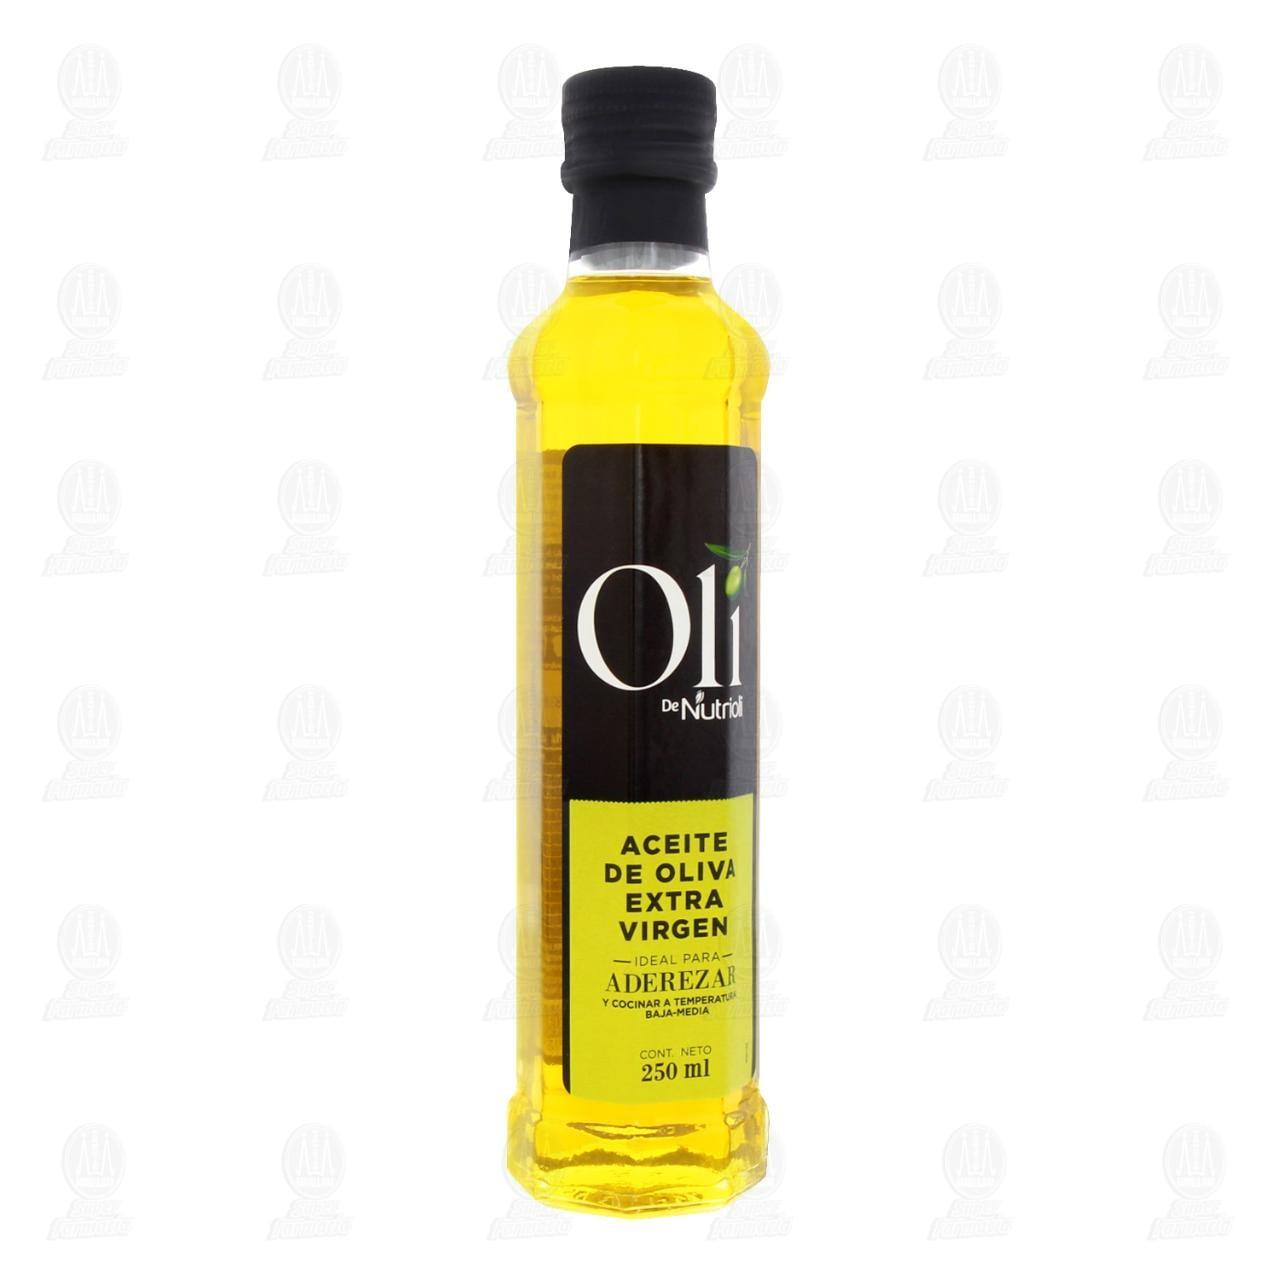 Aceite de Oliva Oli de Nutrioli Extra Virgen, 250 ml.